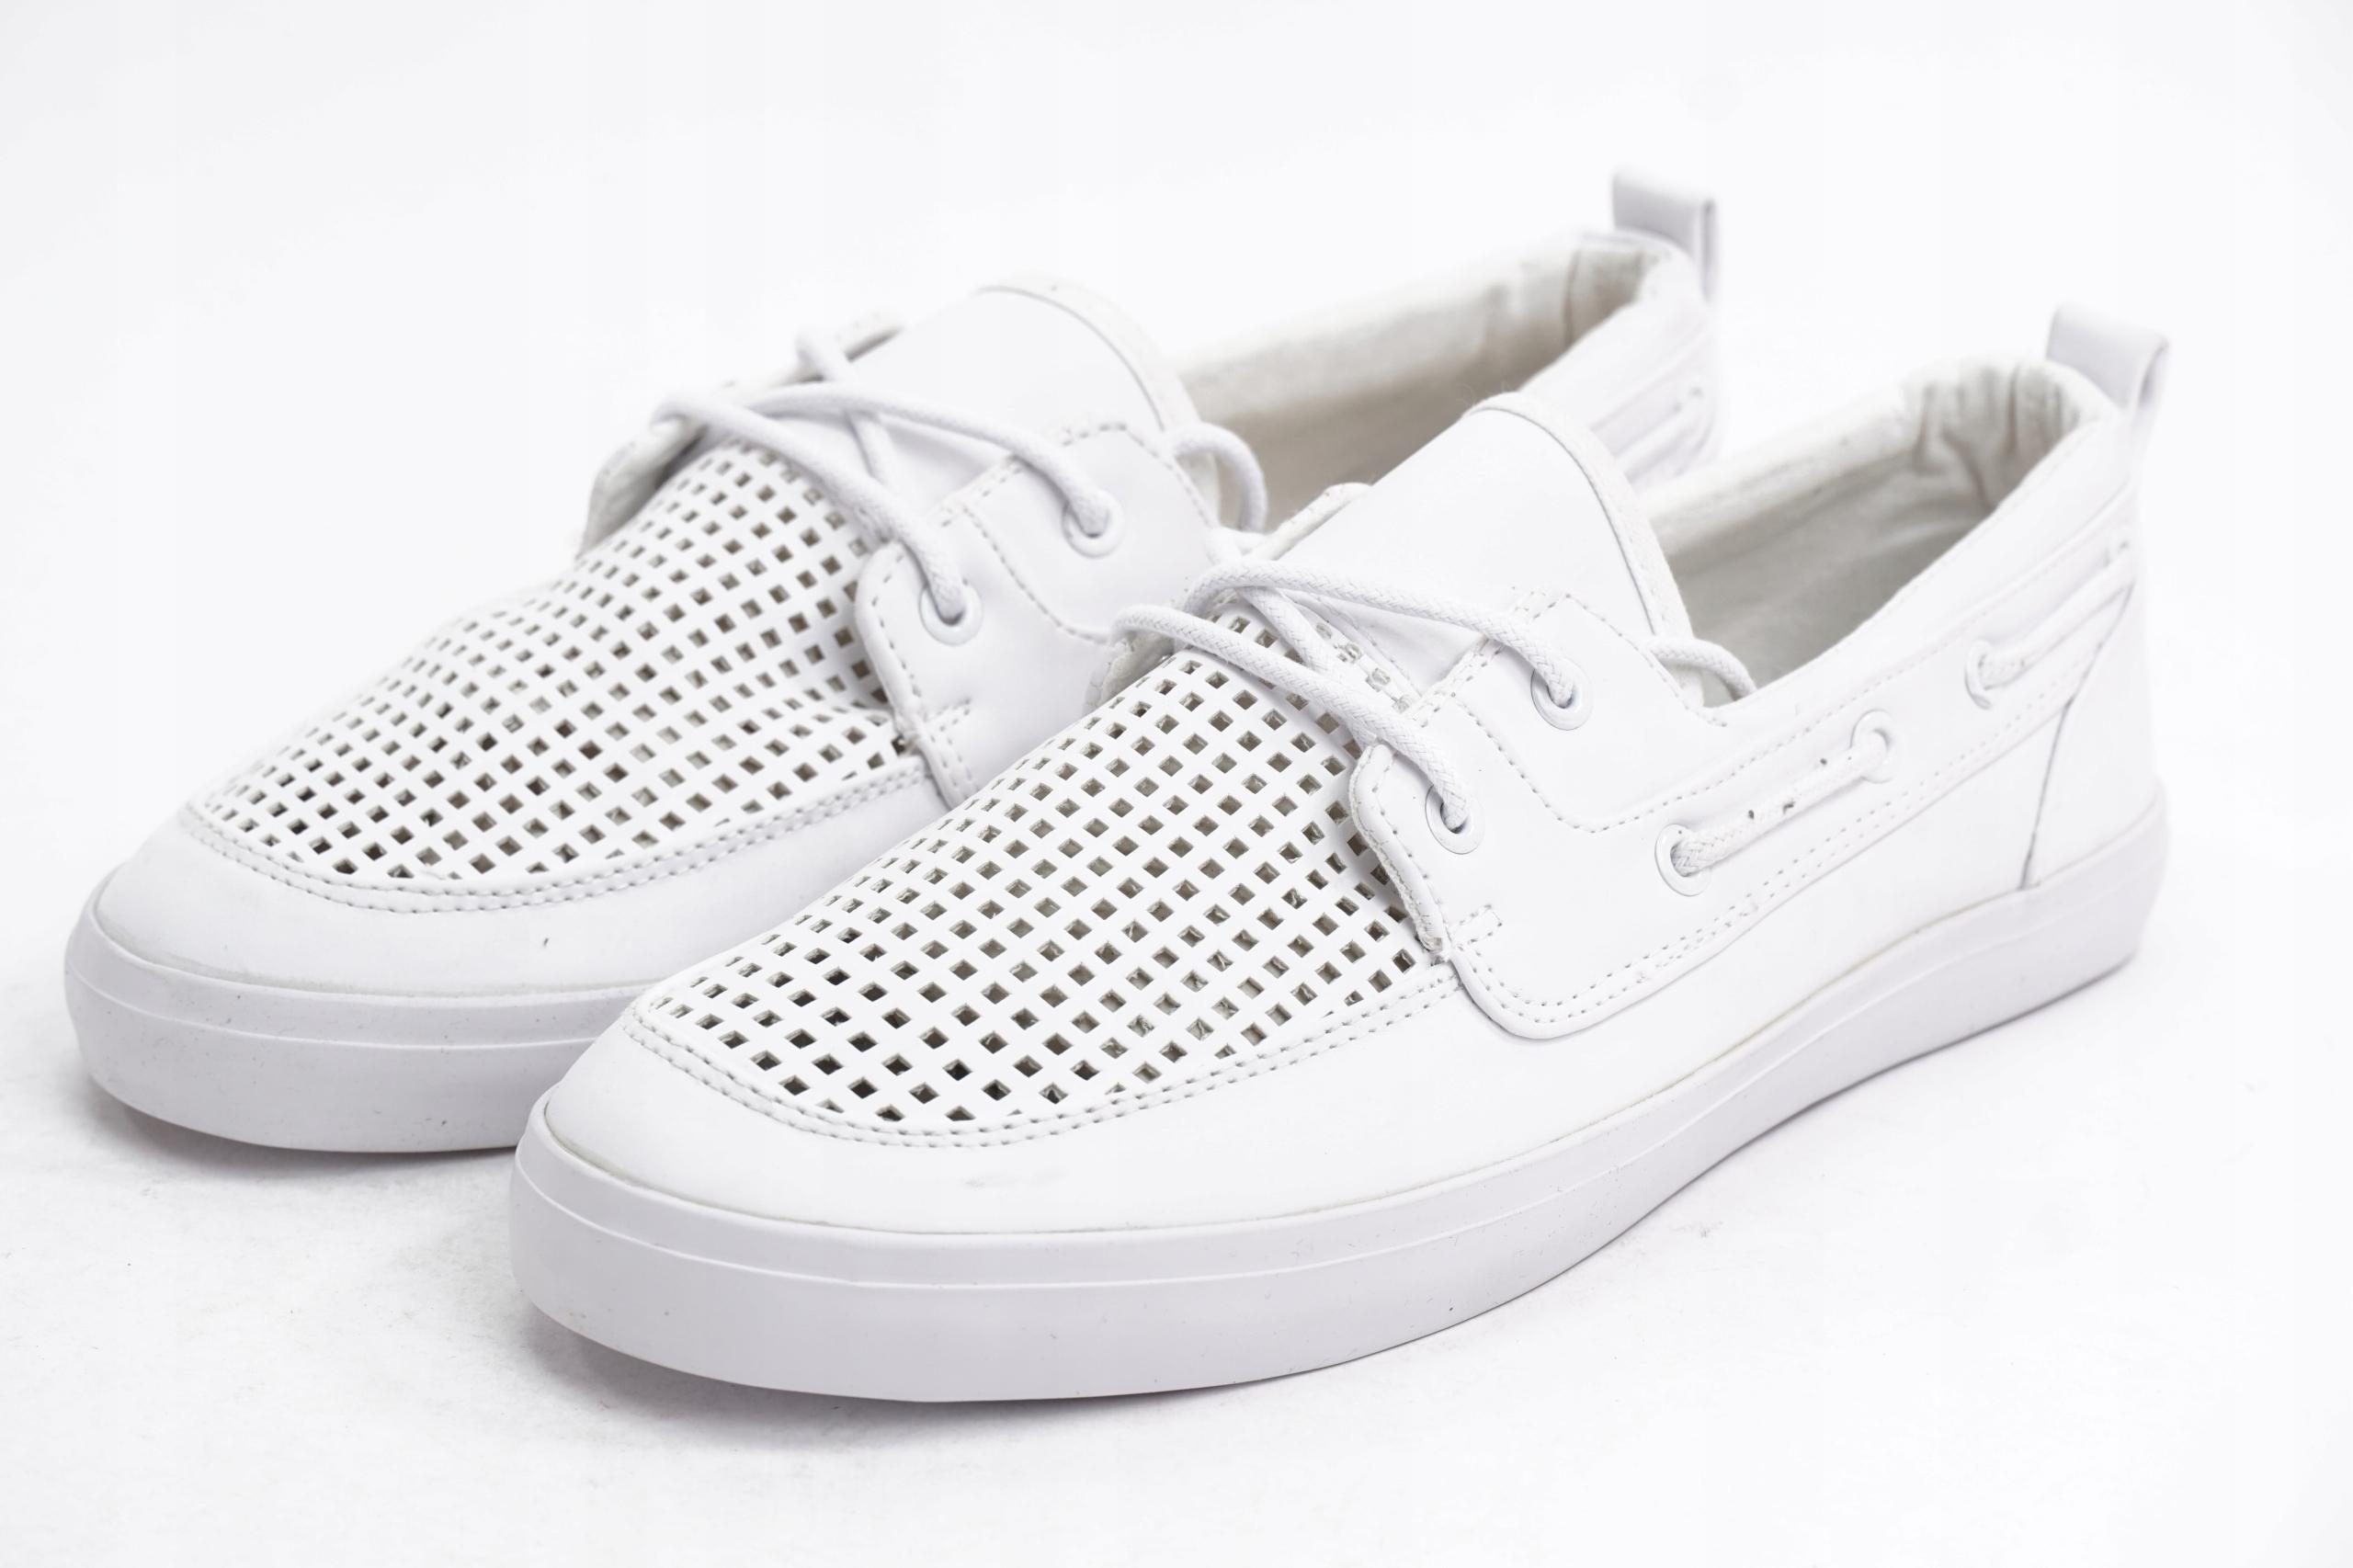 ASOS buty żeglarskie mokasyny białe 42 F4 10